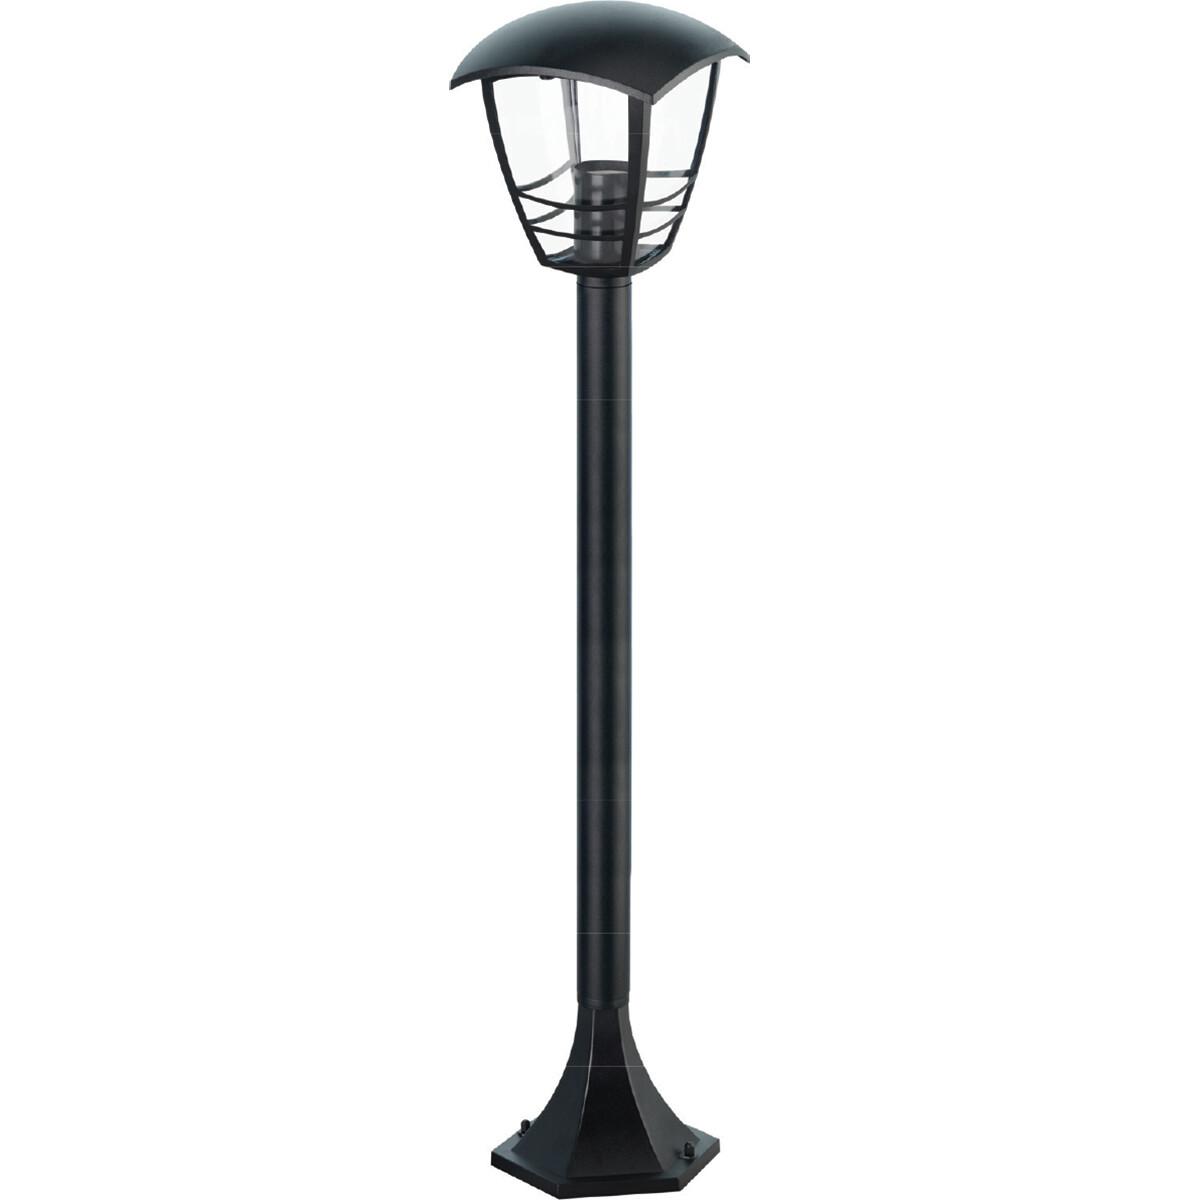 LED Tuinverlichting - Buitenlamp - Narmy 5 - Staand - Mat Zwart - E27 Fitting - Rond - Aluminium